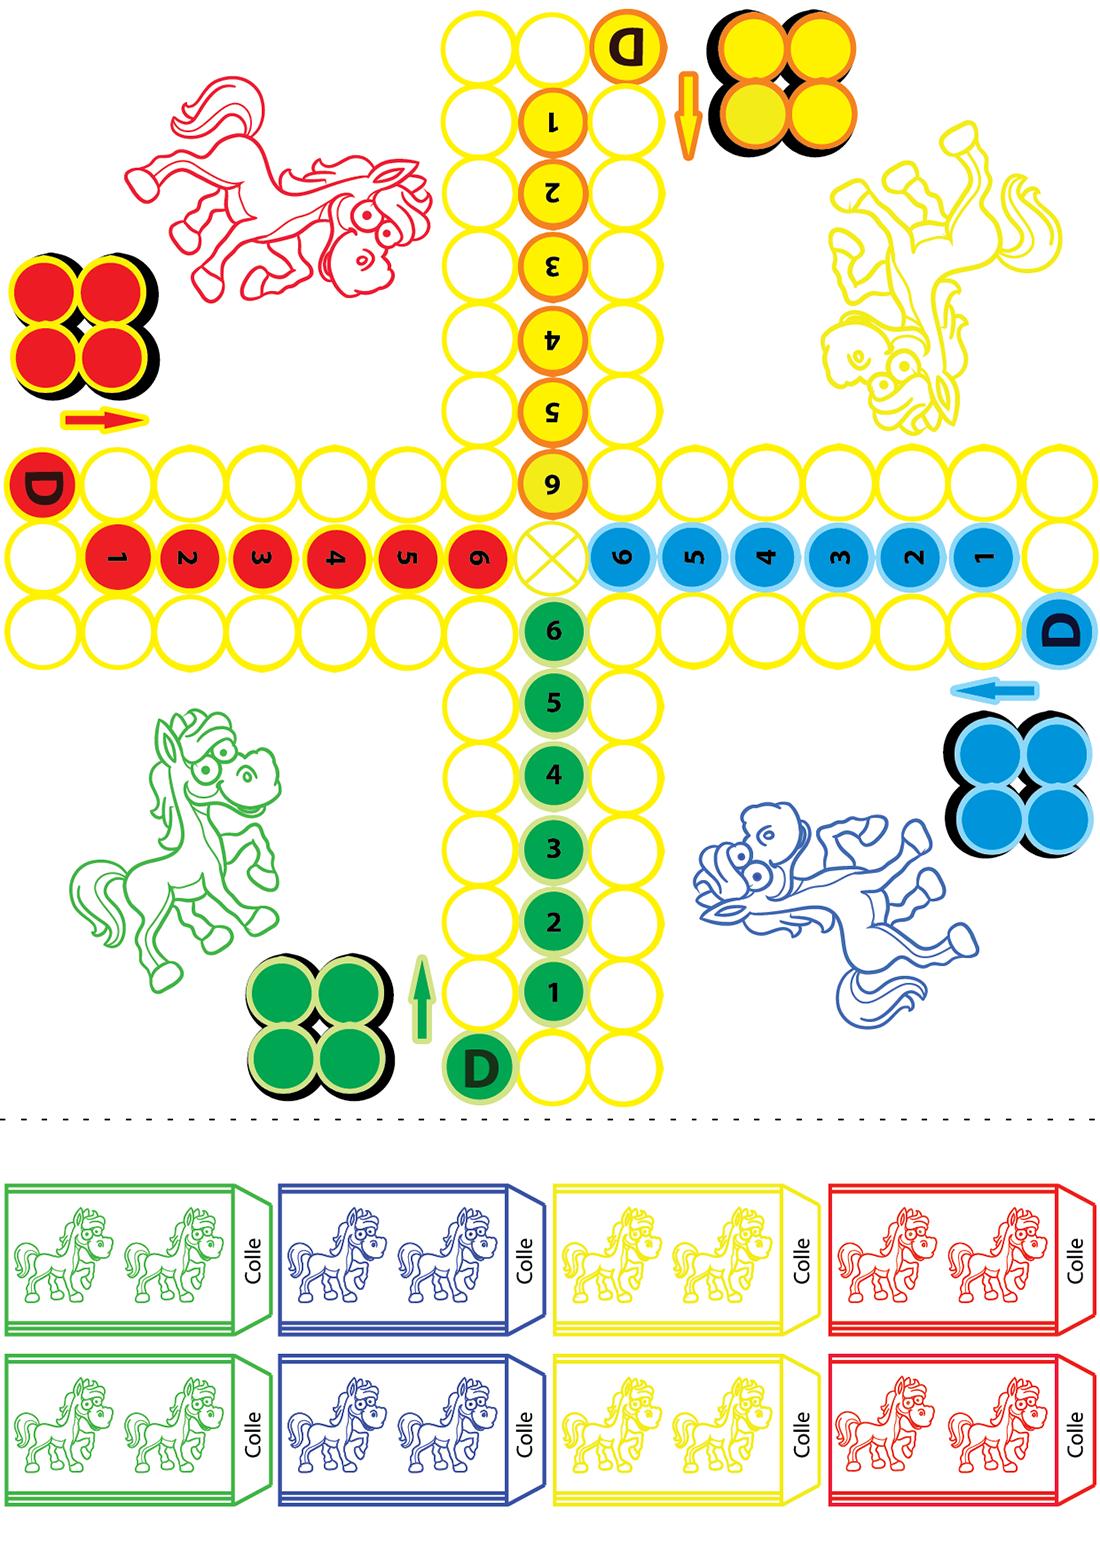 Jeu De Petits Chevaux À Imprimer - Turbulus, Jeux Pour Enfants encequiconcerne Découpage Collage Maternelle À Imprimer